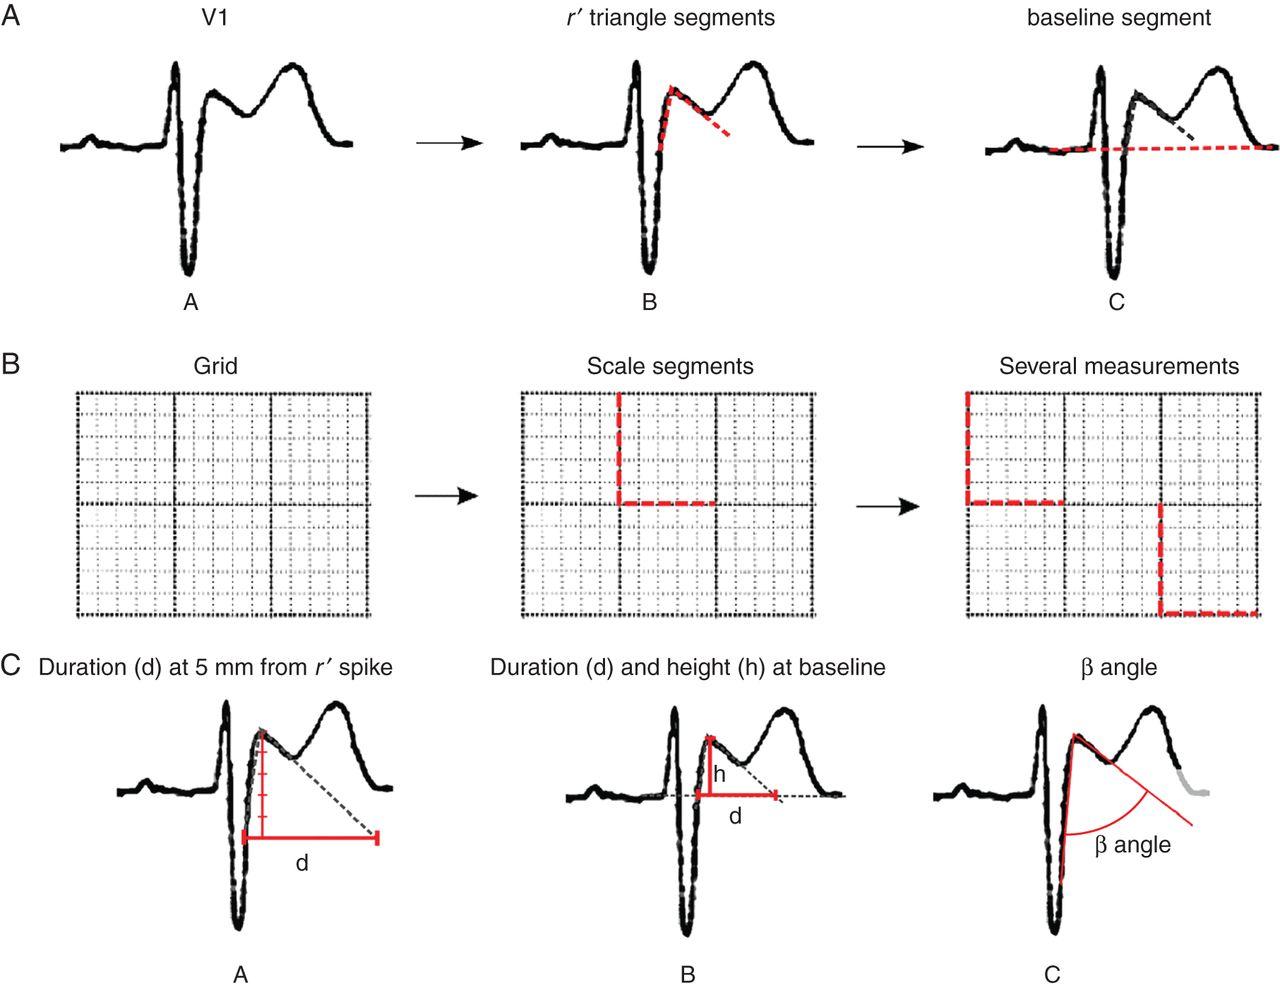 健康アスリートの心電図とタイプ2ブルガダ型心電図を鑑別する新しいクライテリア:Europace誌_a0119856_23203220.jpg